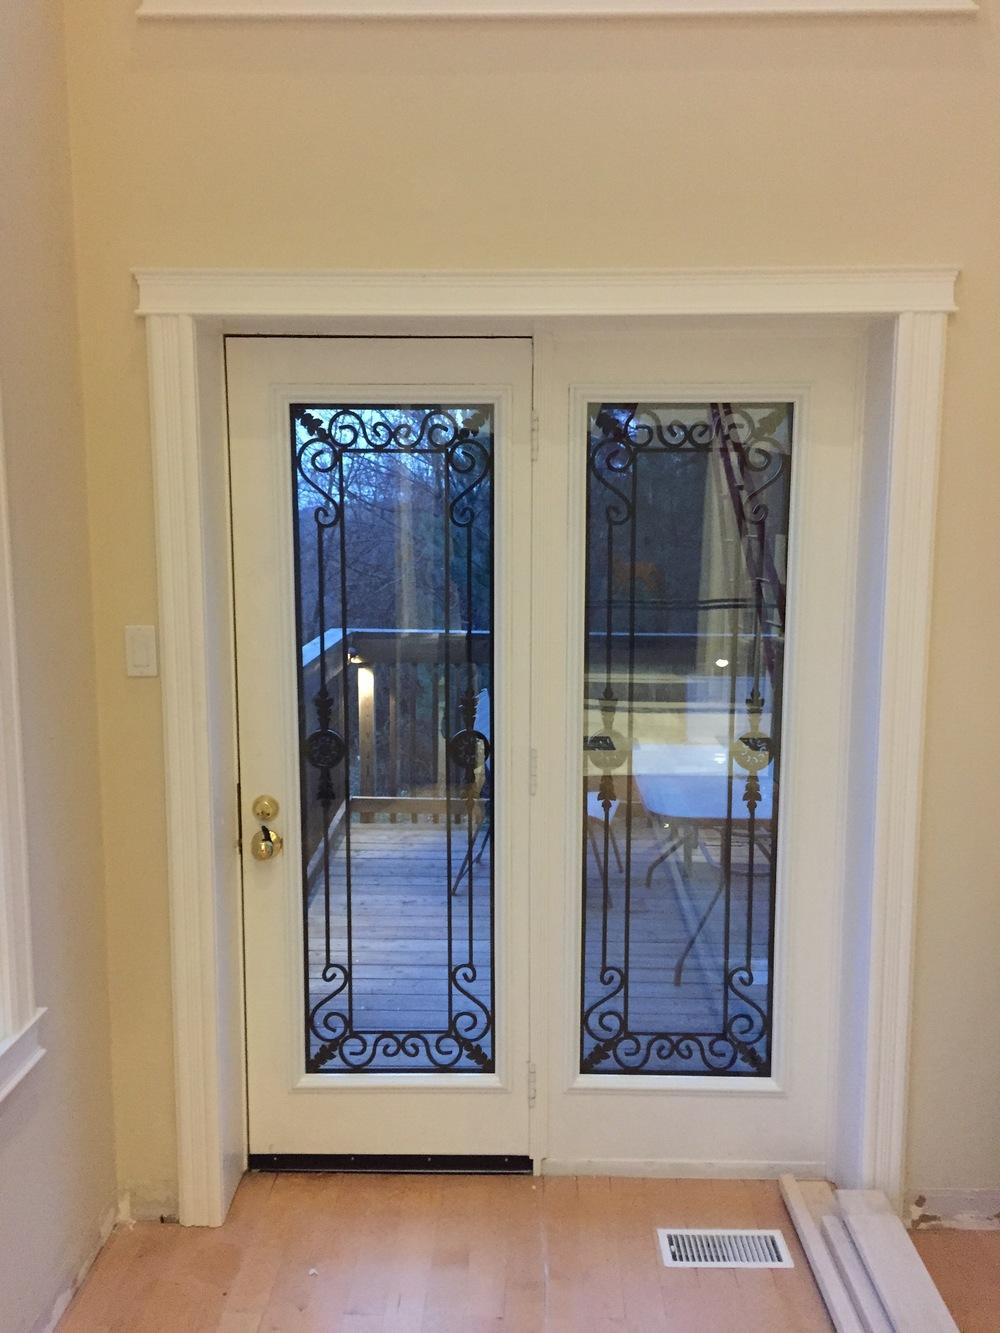 Georgetown-Wrought-Iron-Glass-Door-Inserts-Innisfil-Ontario